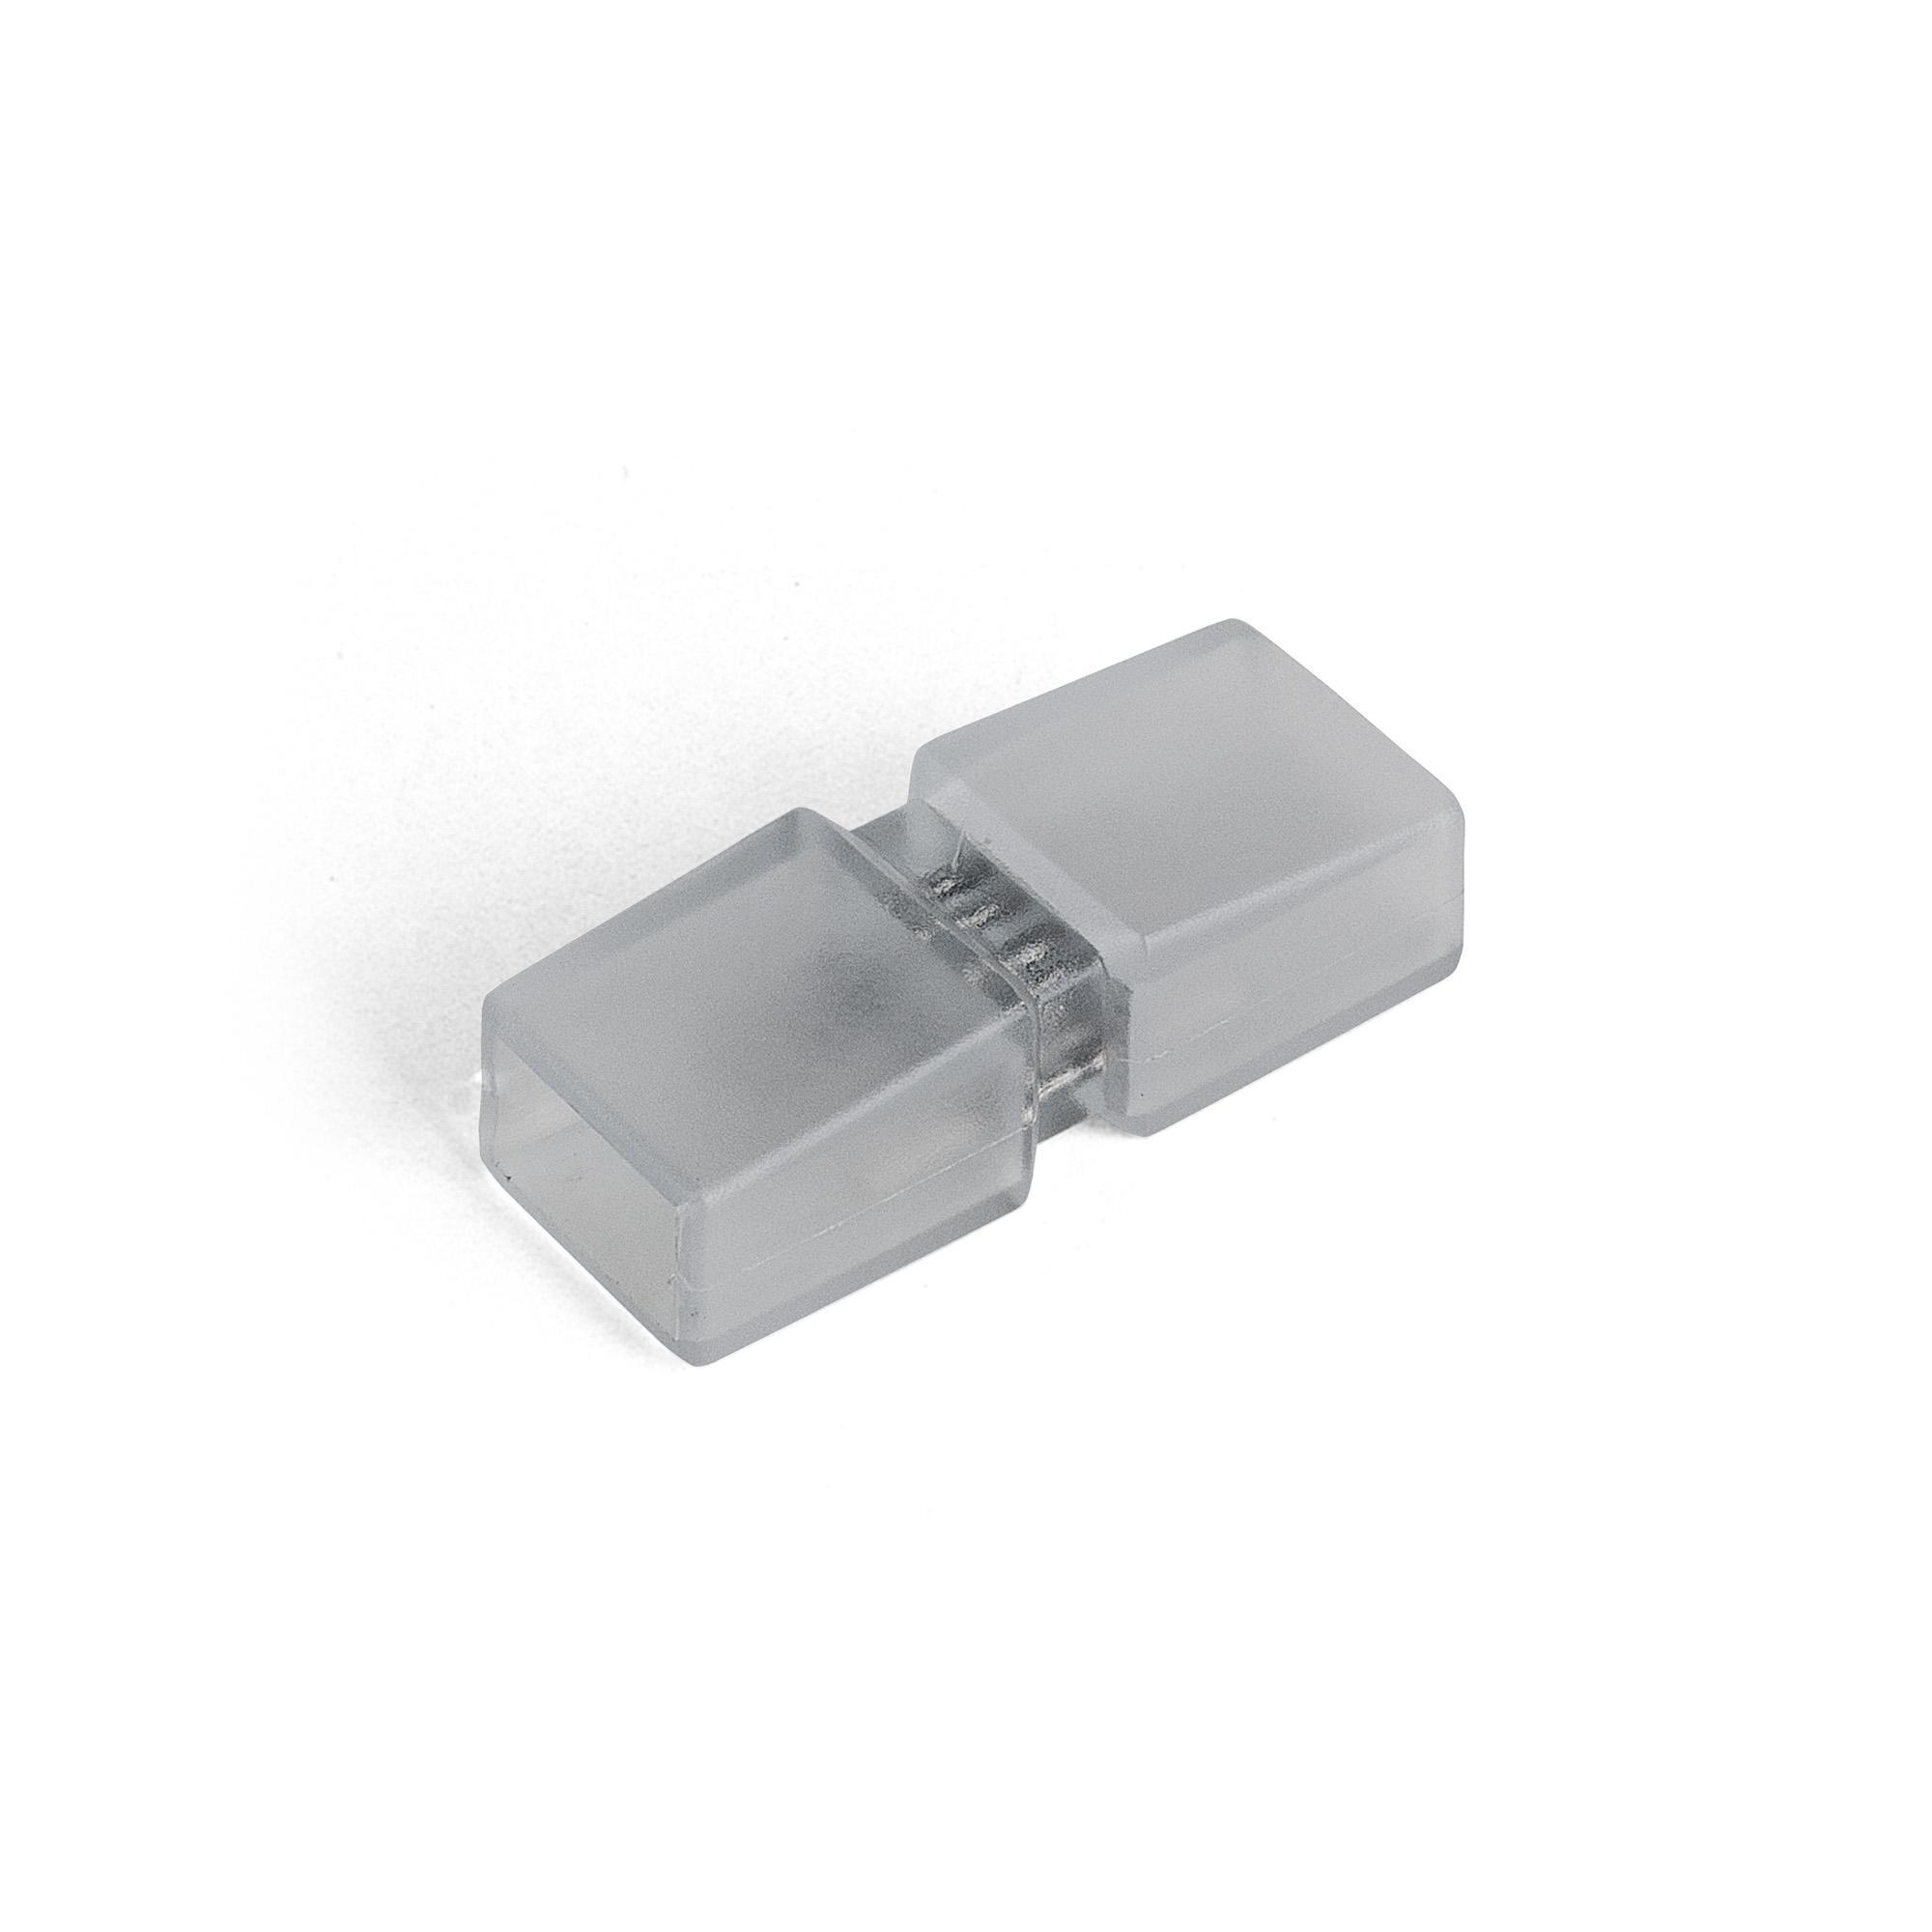 Переходник для ленты 220V 5050 RGB нов (10pkt)